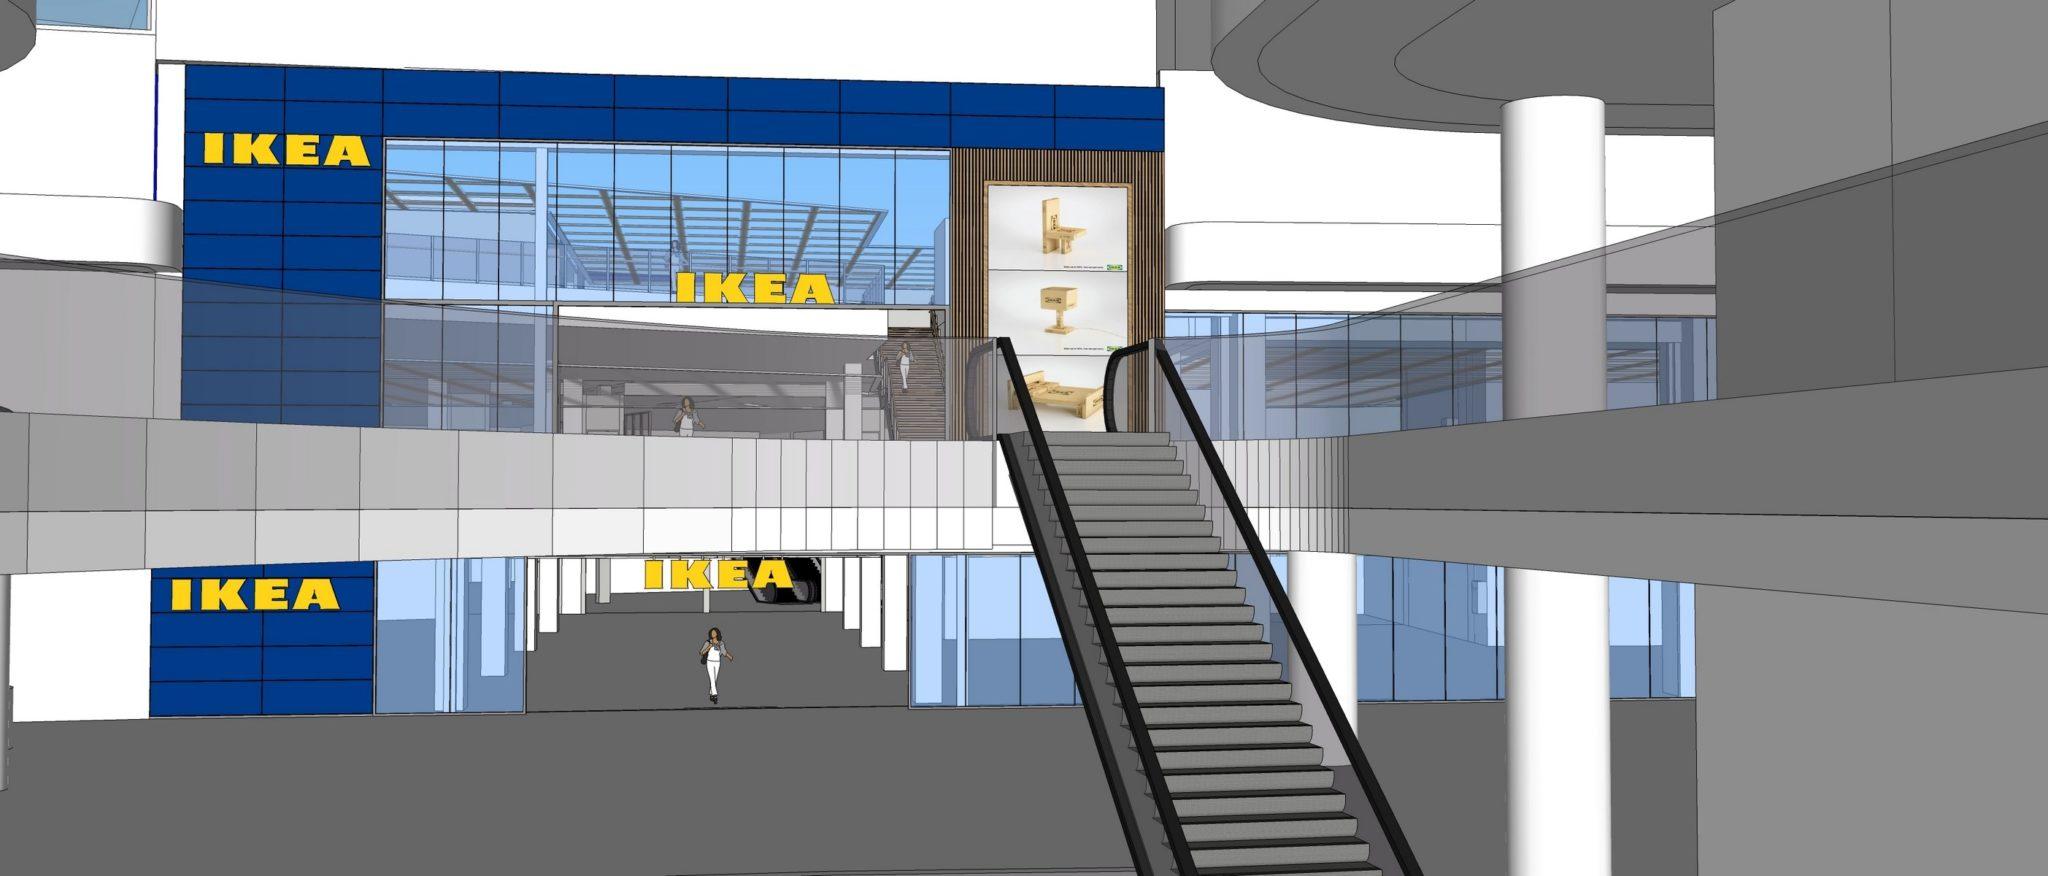 """6 สิ่งที่ต้องรู้ก่อนไป """"อิเกีย บางใหญ่"""" สโตร์ที่ 2 ของไทย ใหญ่สุดในอาเซียน 18 - IKEA (อิเกีย)"""